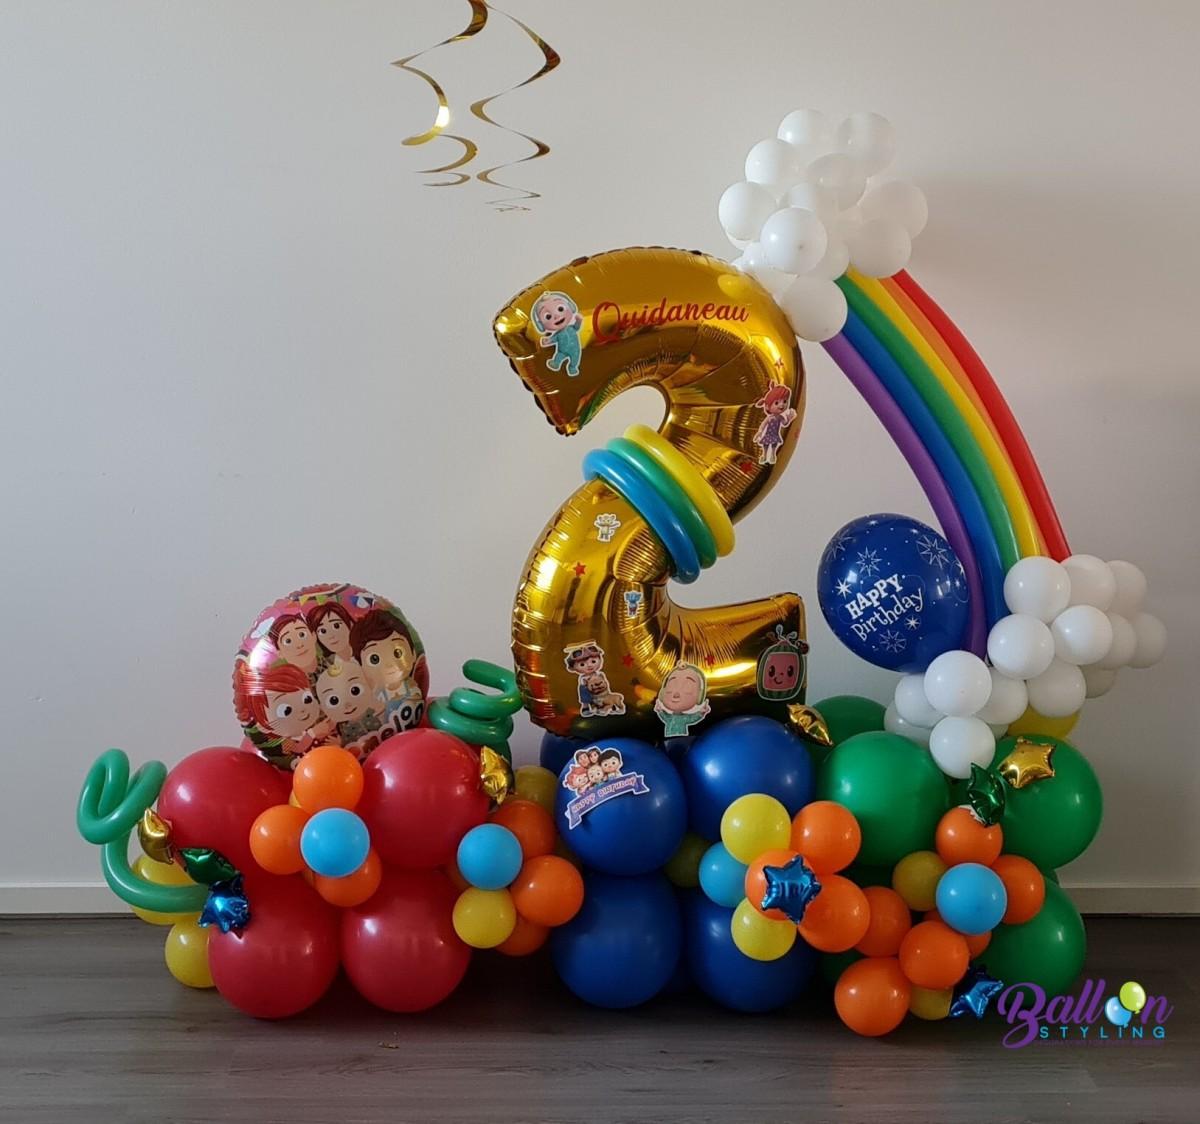 Balloon Styling Tilburg CoComelon ballonnendecoratie regenboog ballonnen Tilburg2 (2)